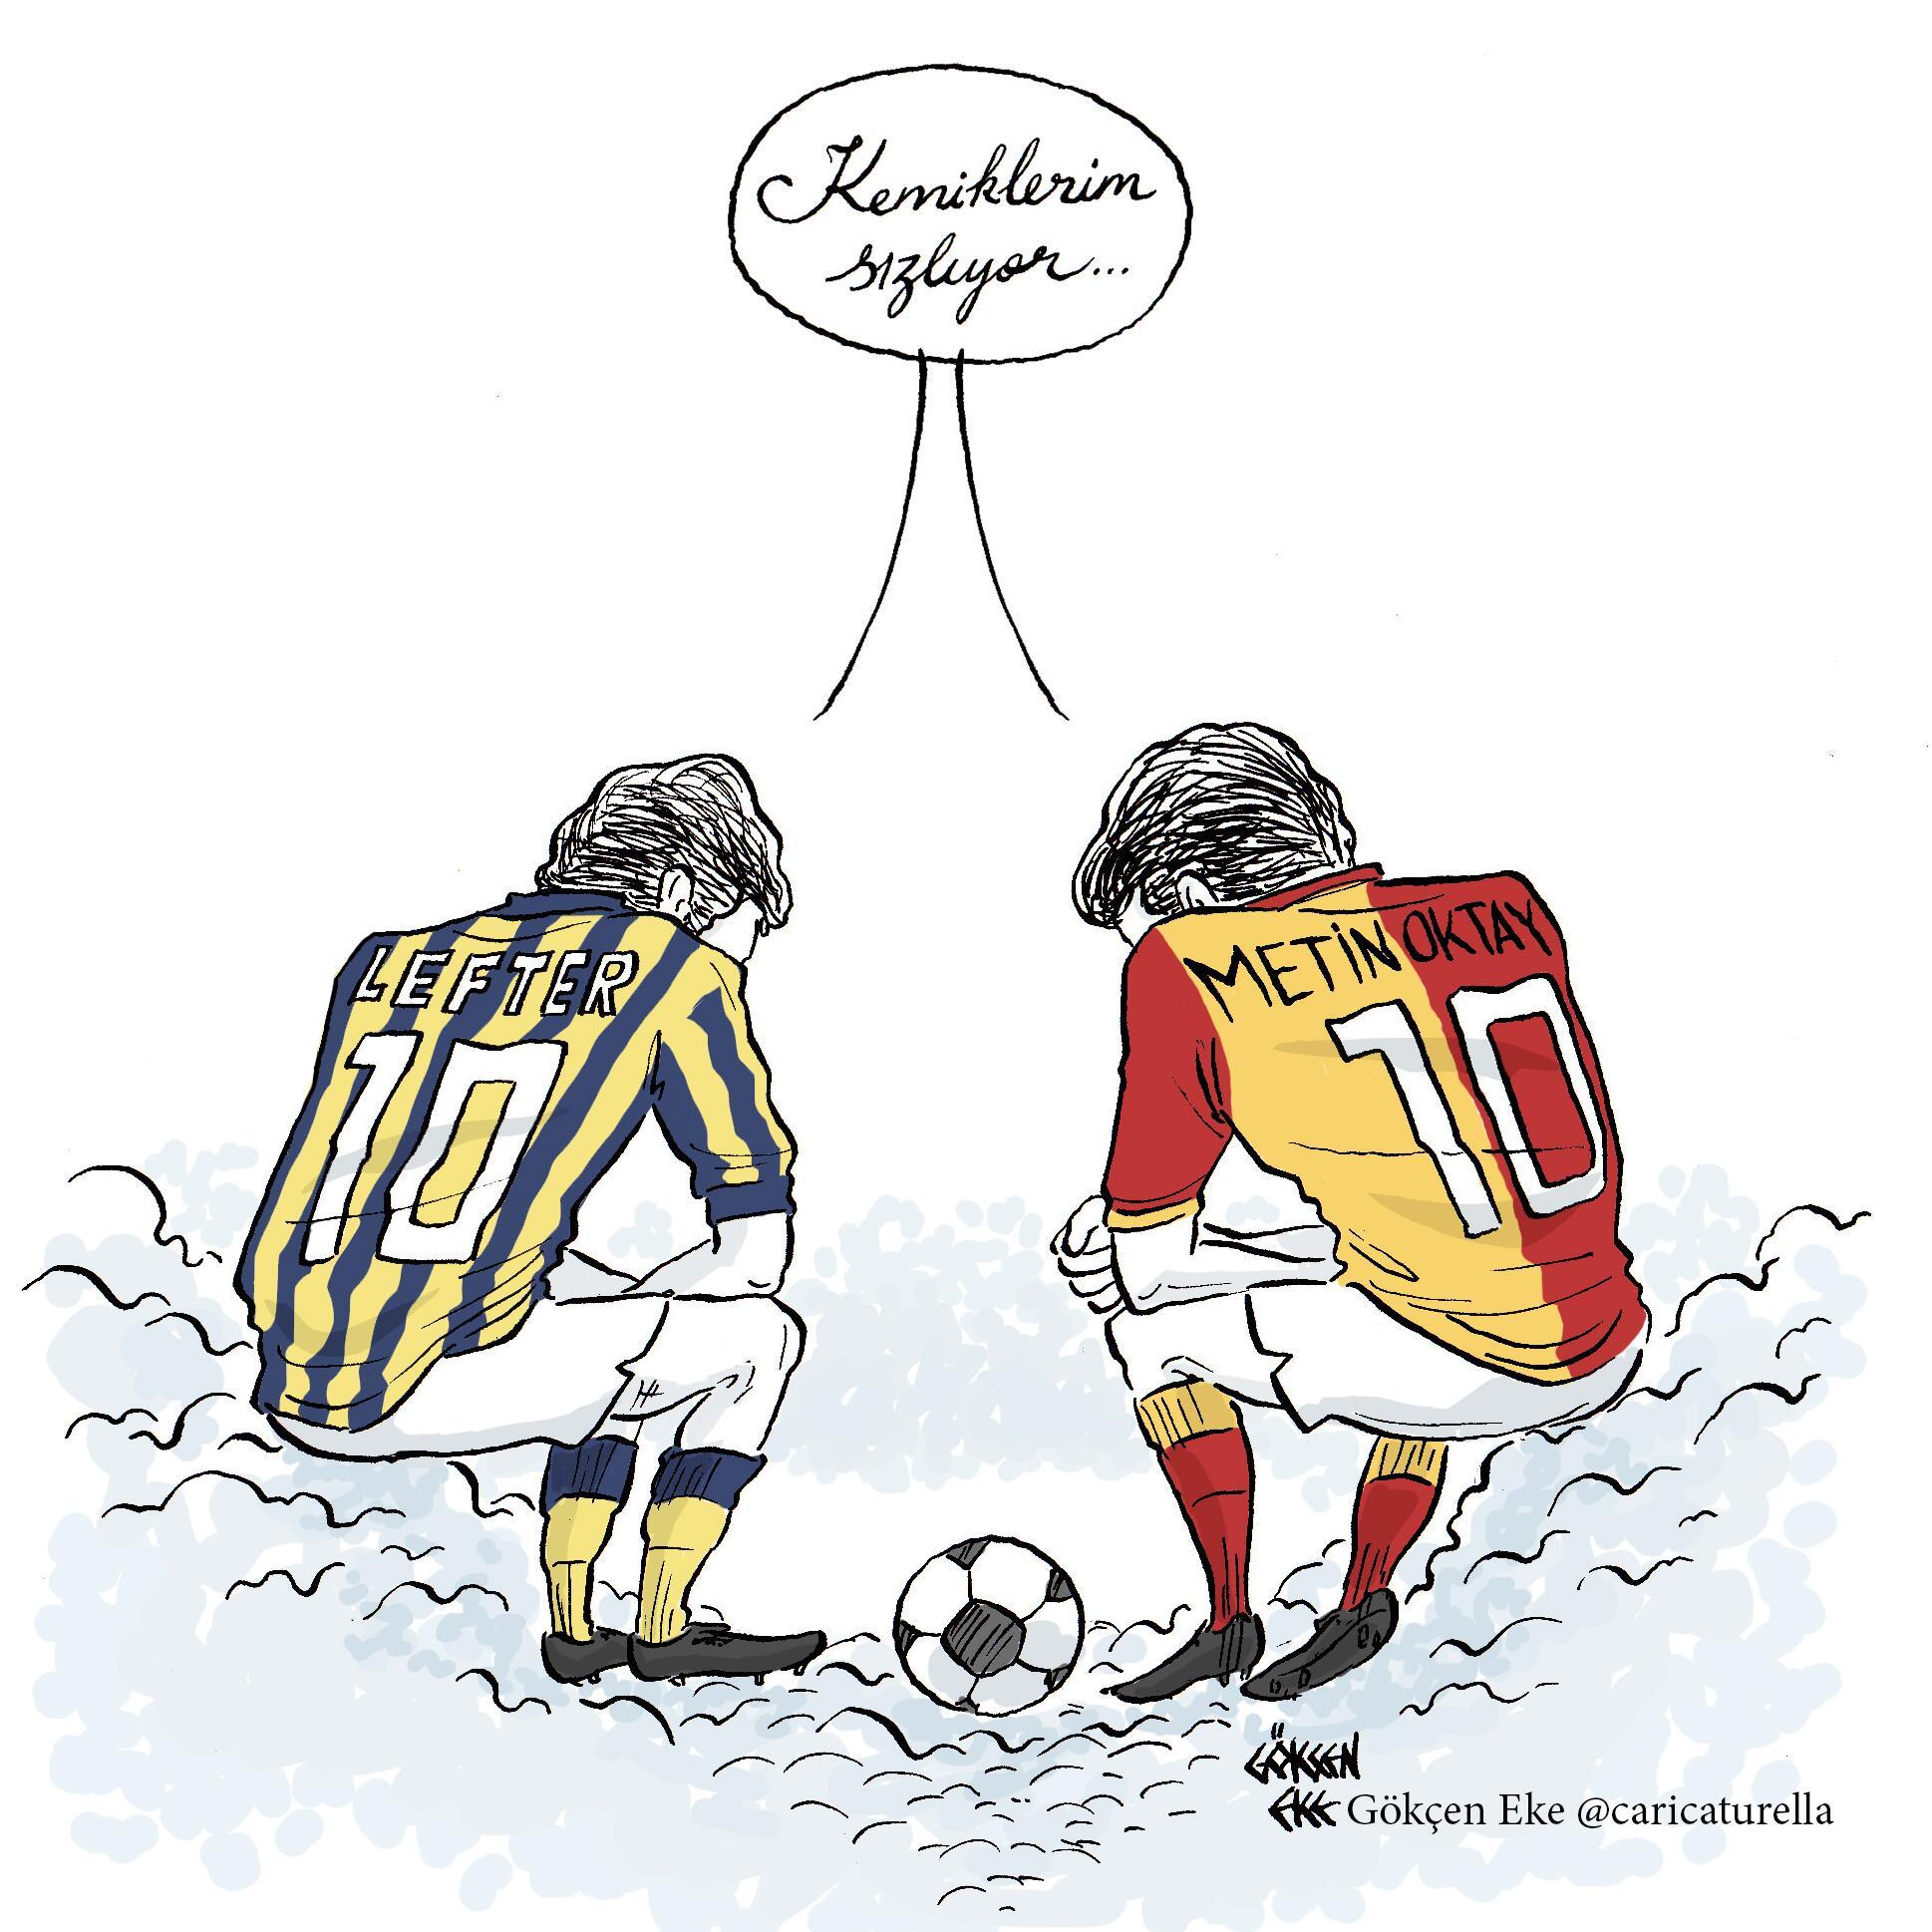 """""""Kemiklerim sızlıyor..."""" #Fenerbahçe #Galatasaray #LefterKüçükandonyadis #MetinOktay #Çubuklu #Parçalı #FB #GS http://t.co/5eKYPuWcZz"""